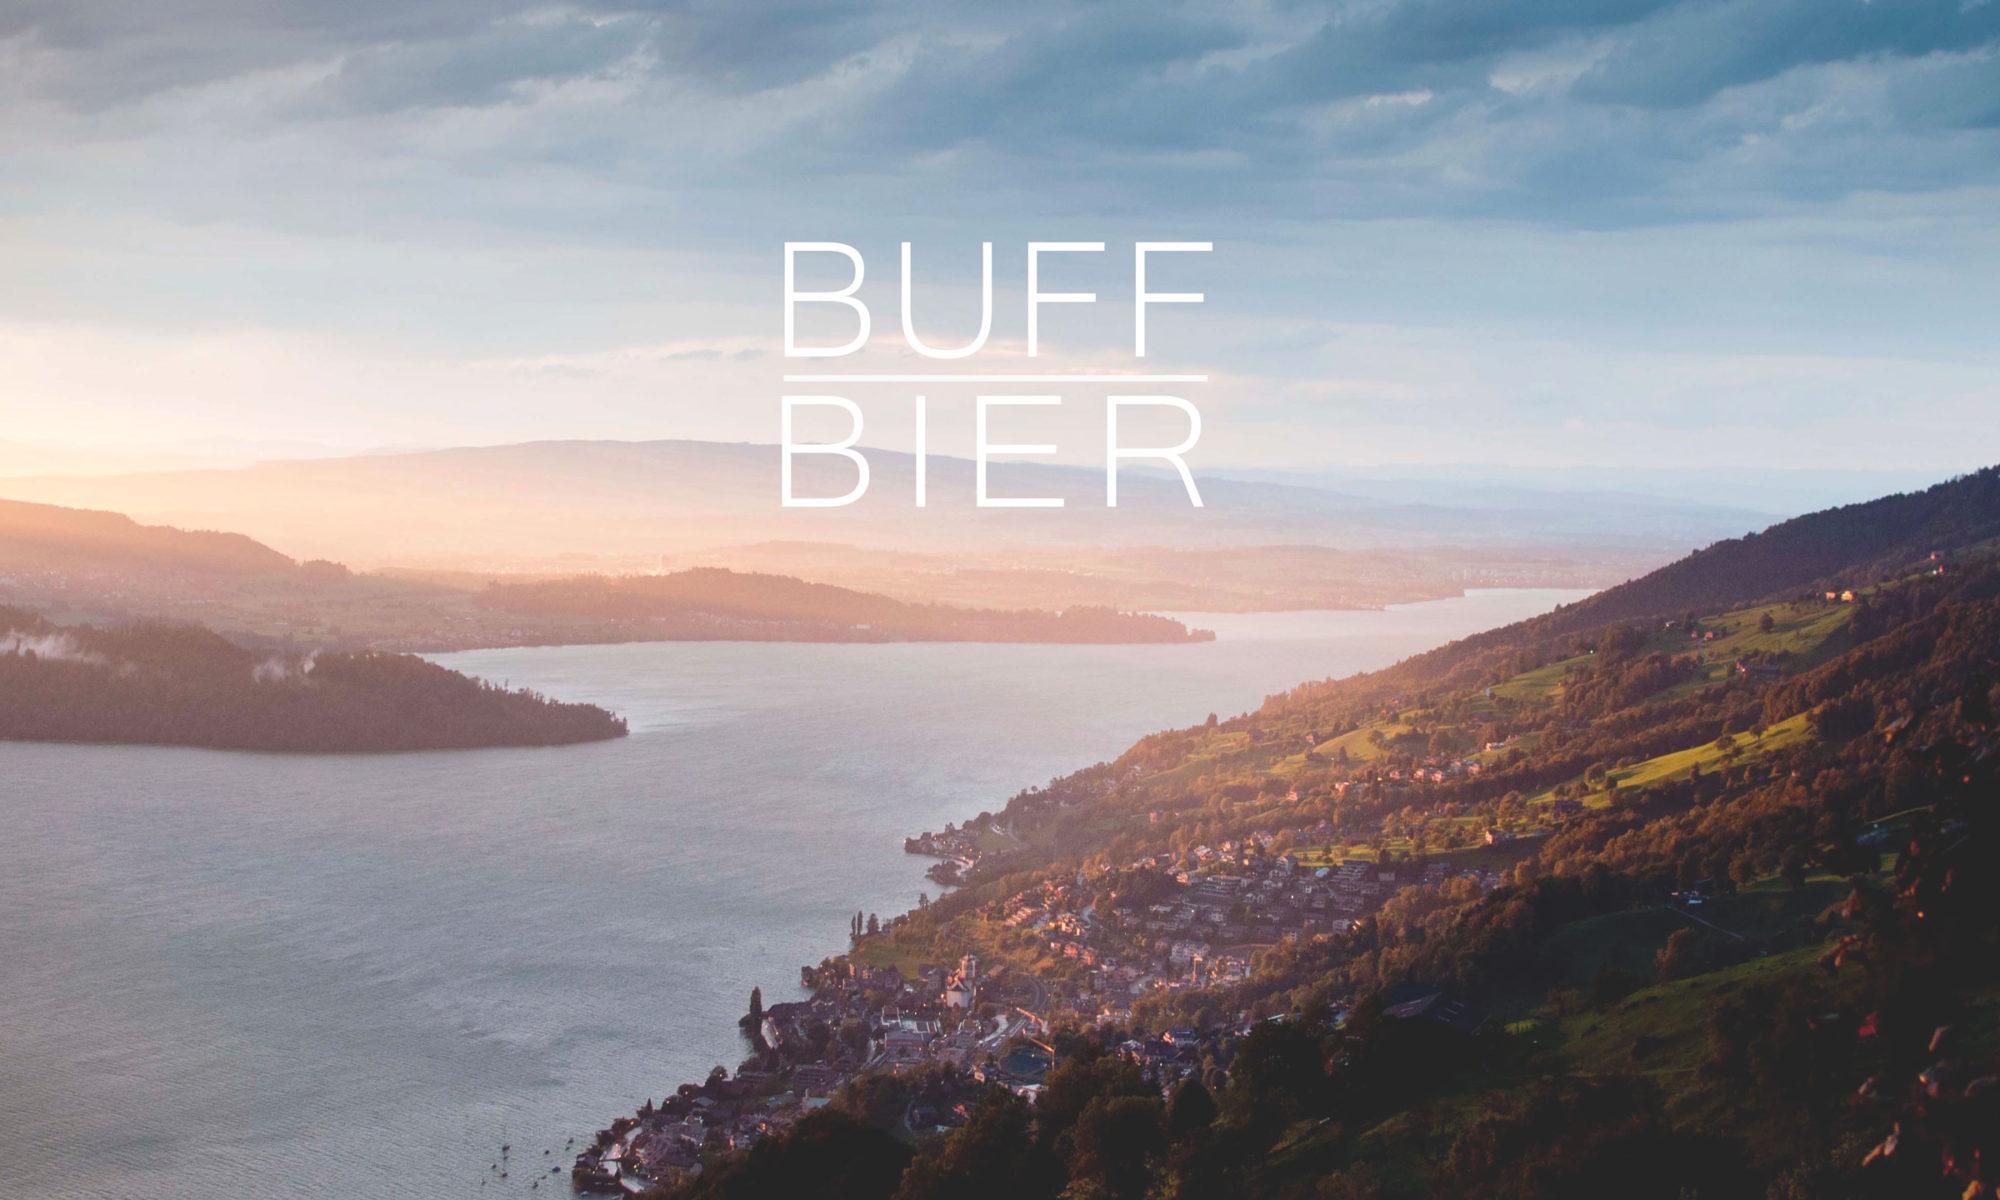 Buff Bier